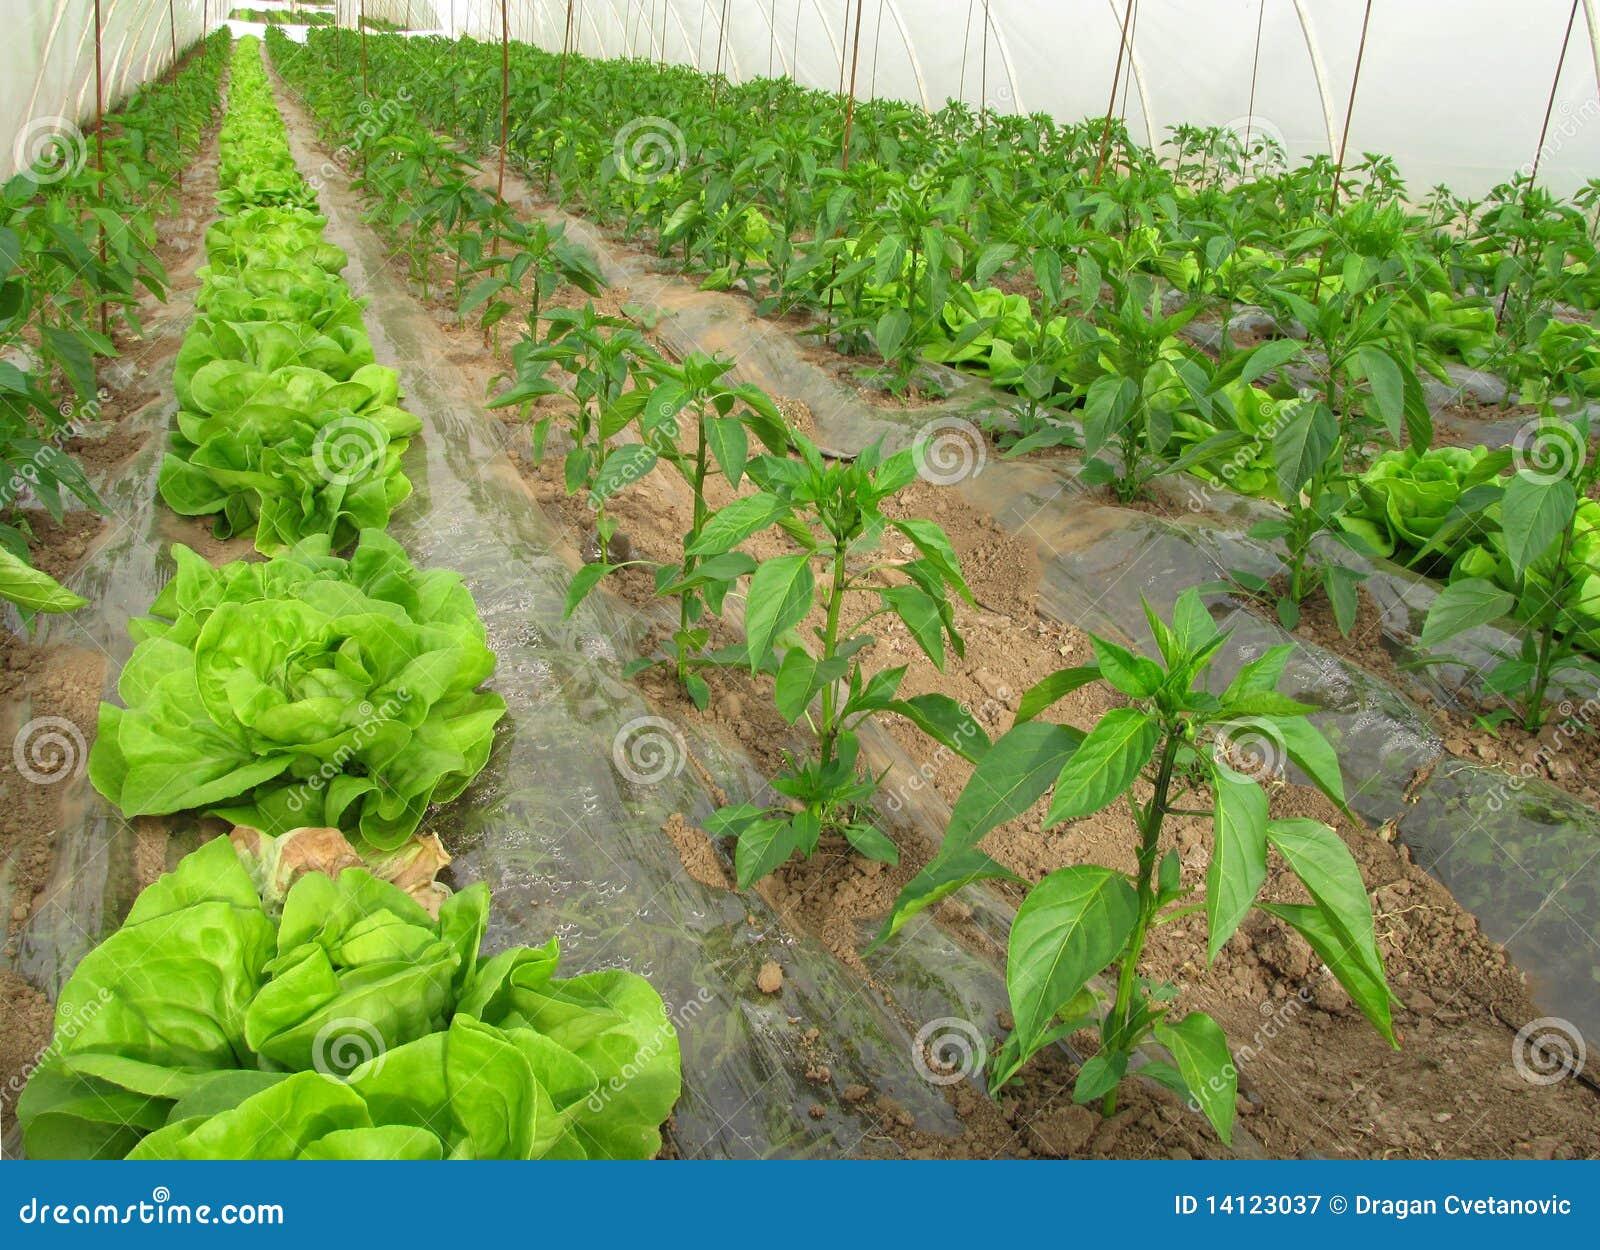 Agriculture biologique, laitue et poivrons en serre chaude